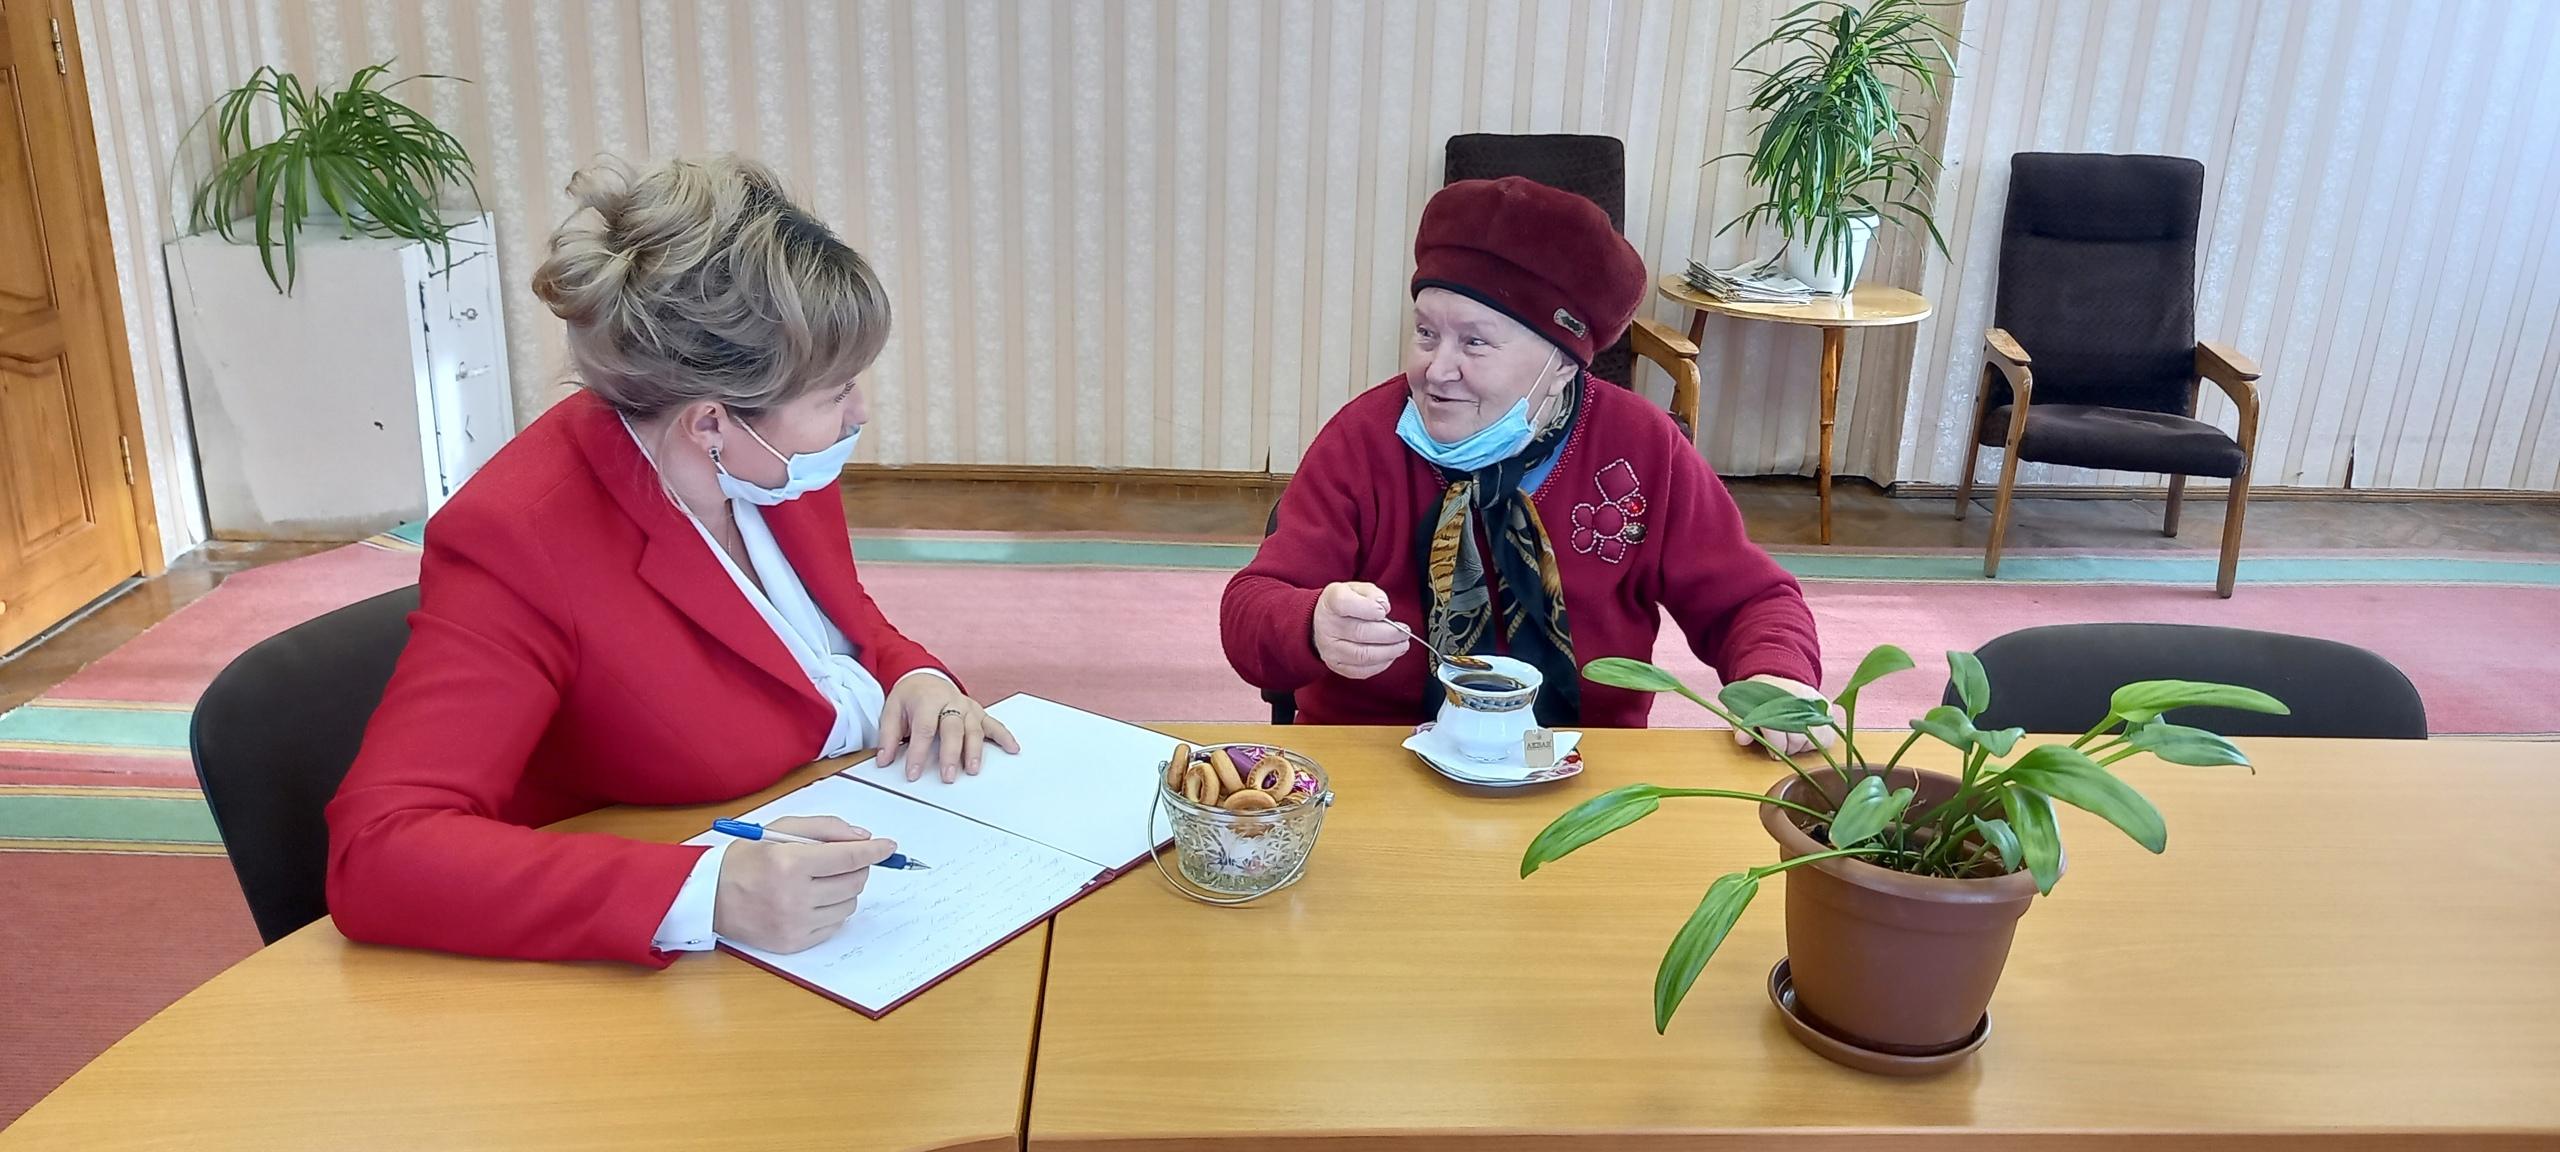 Нина Бушенева побывала на личном приёме в Администрации Удорского района